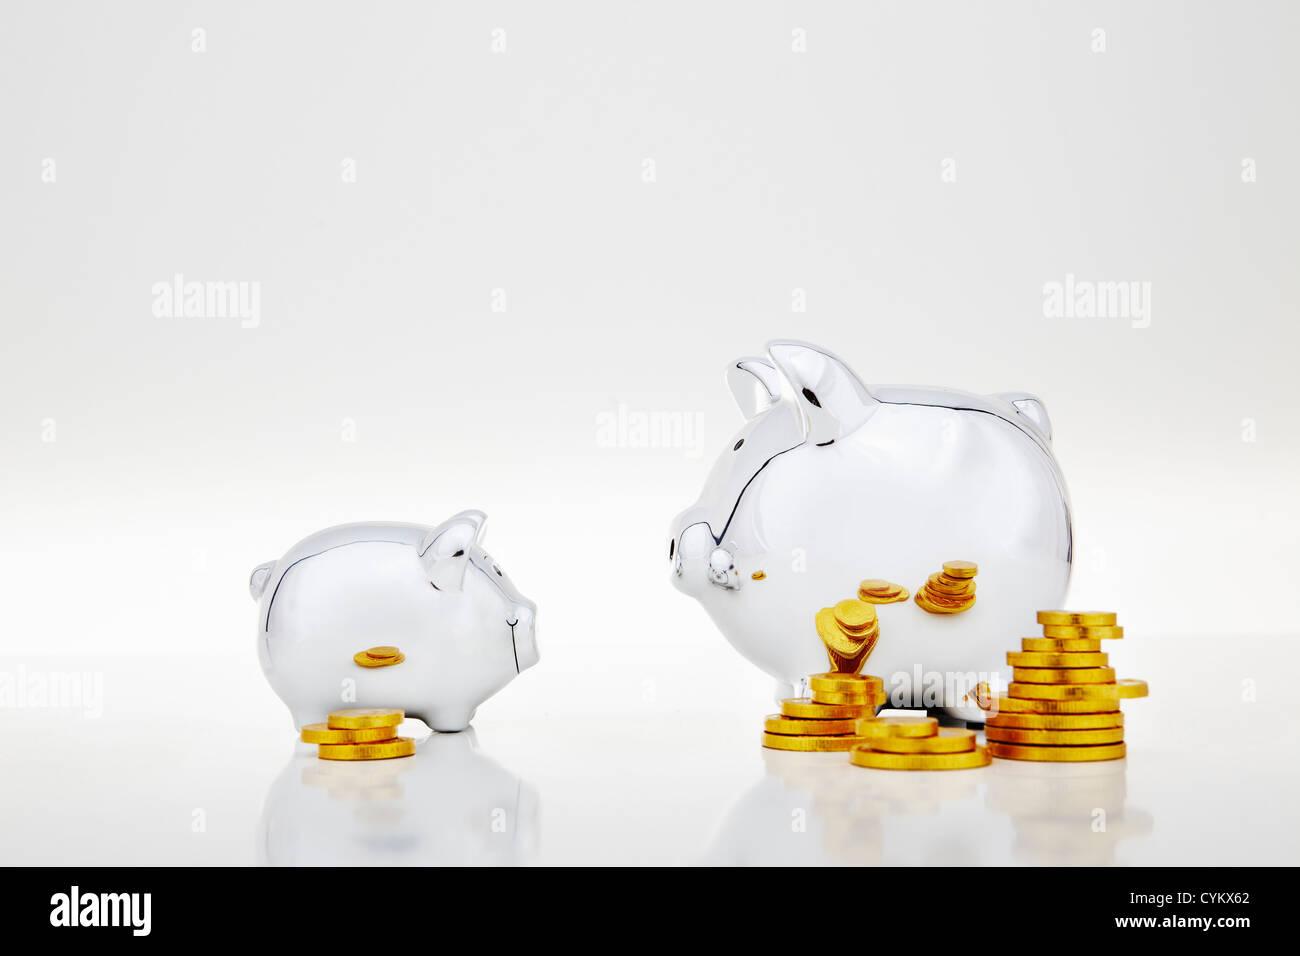 Stapel von Goldmünzen von Sparschweine Stockfoto